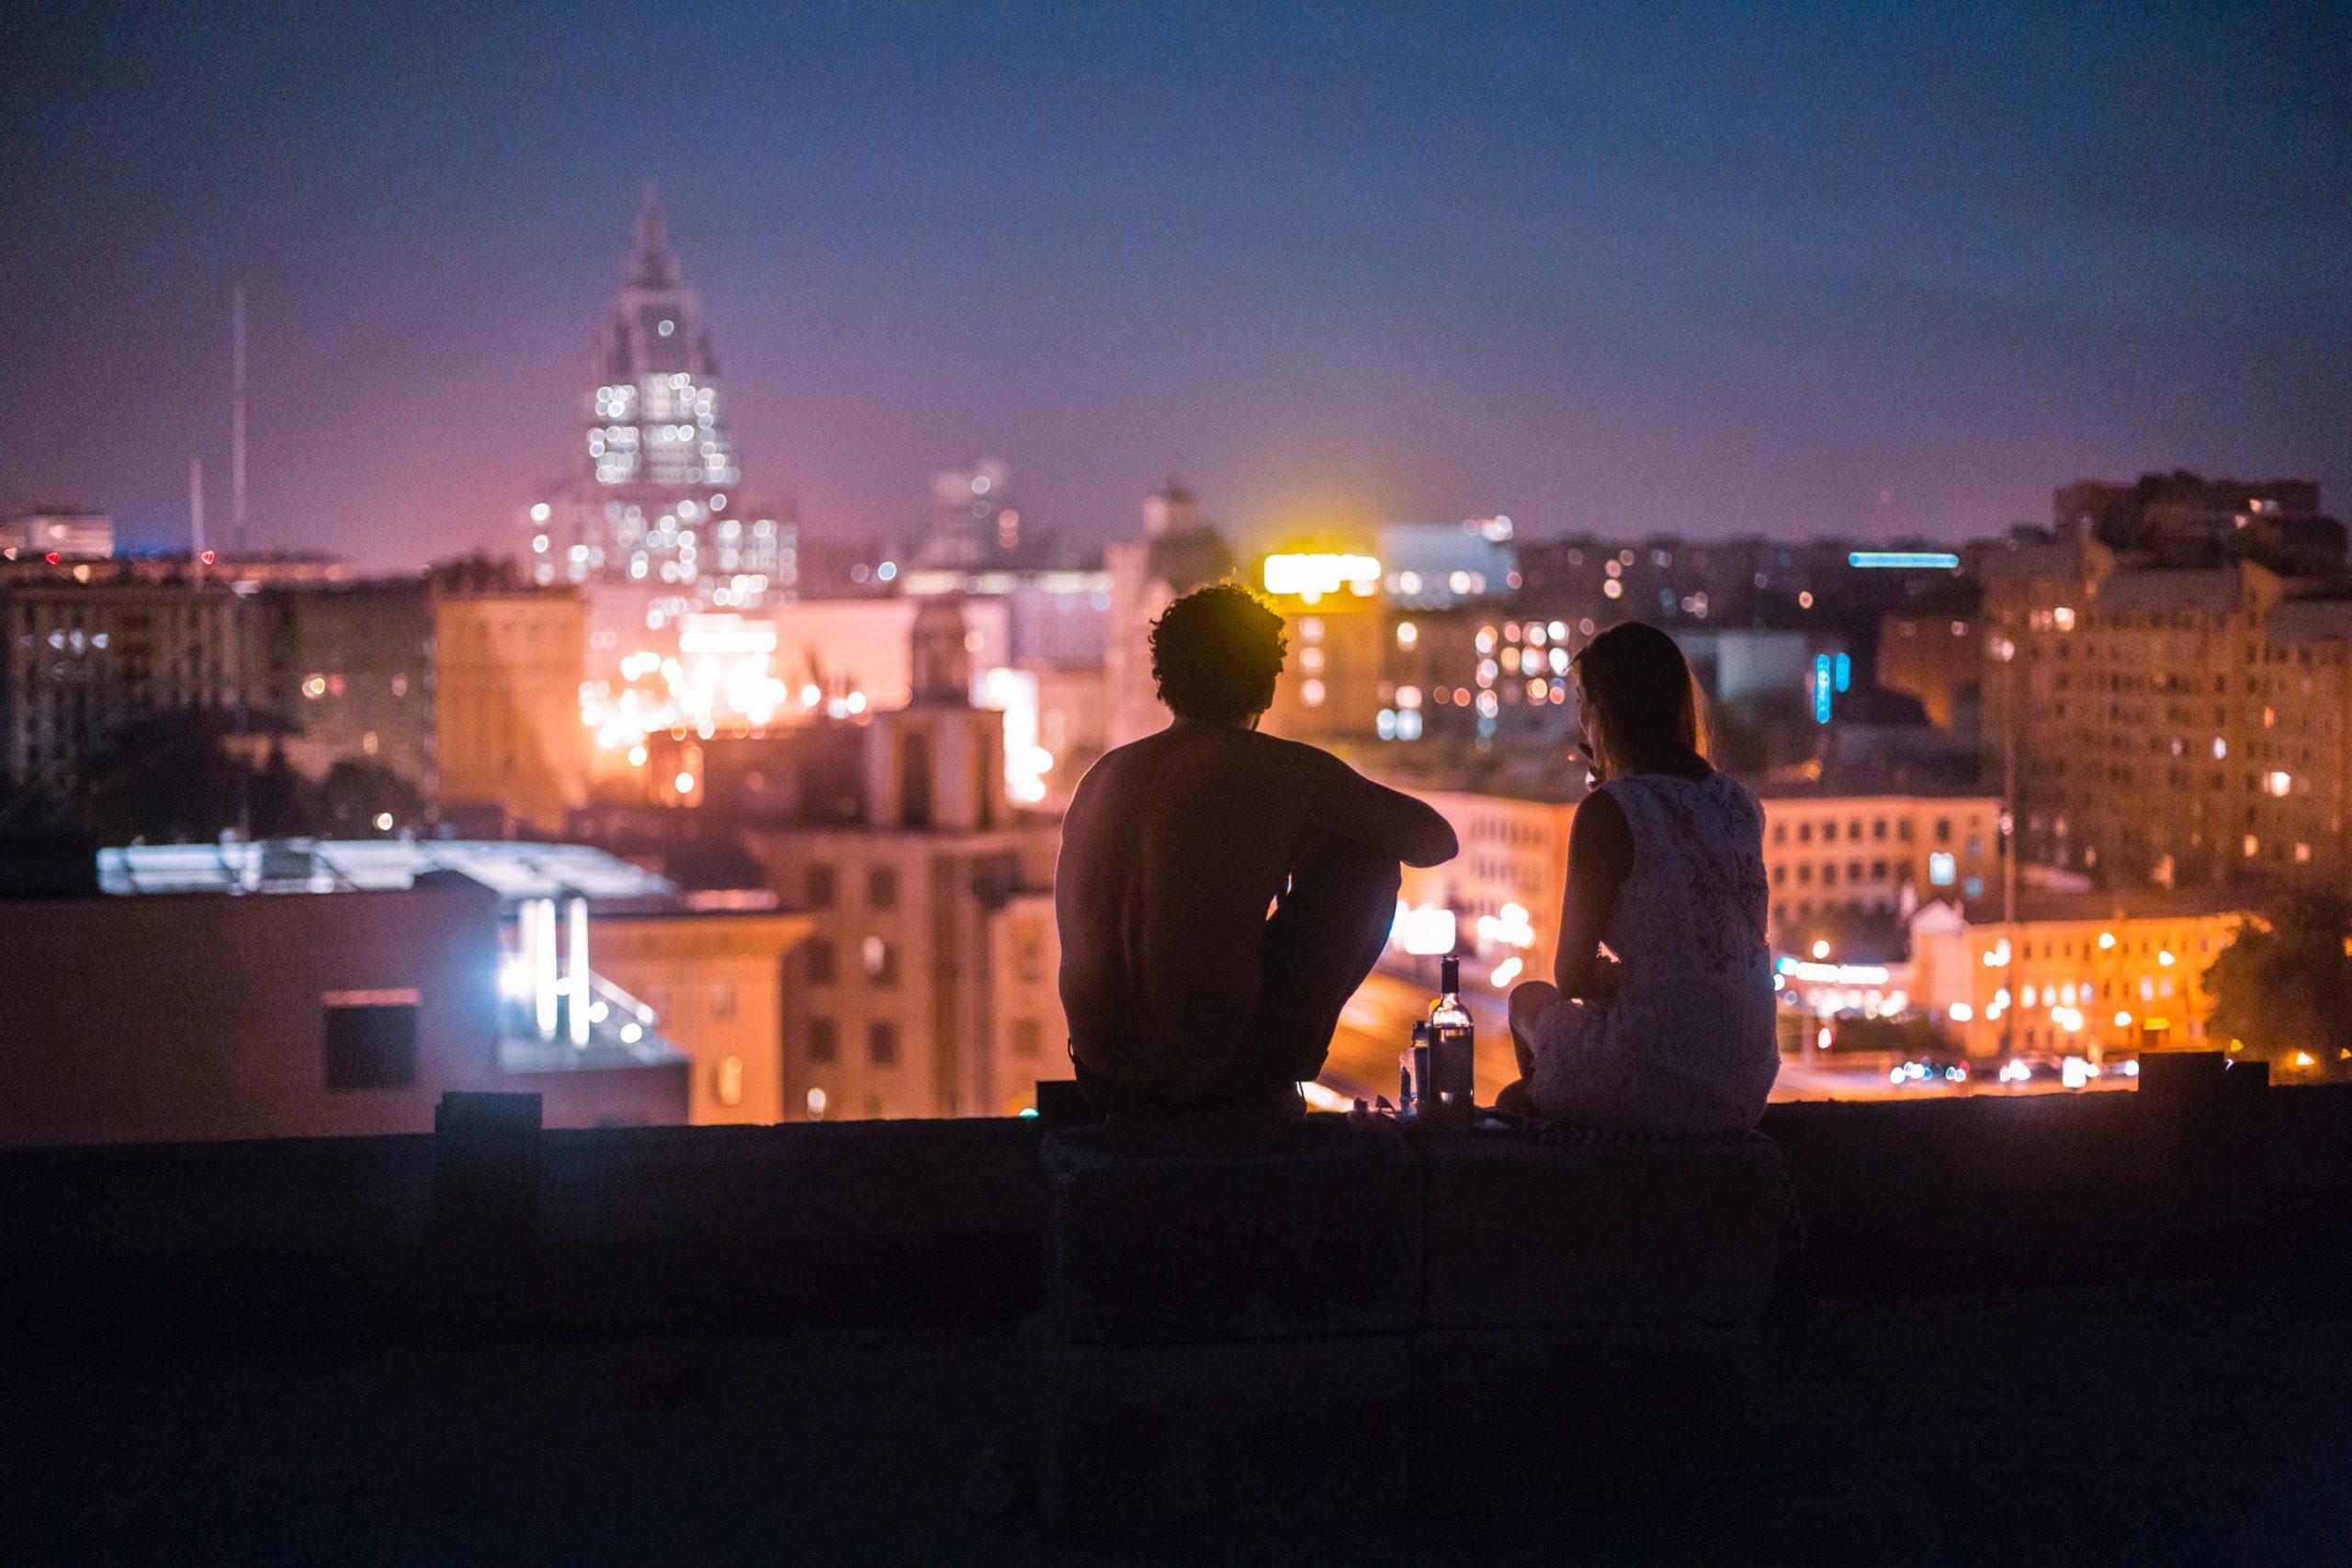 恋愛も人生も諸行無常?諸行無常を胸に刻めば幸せでいられるということ